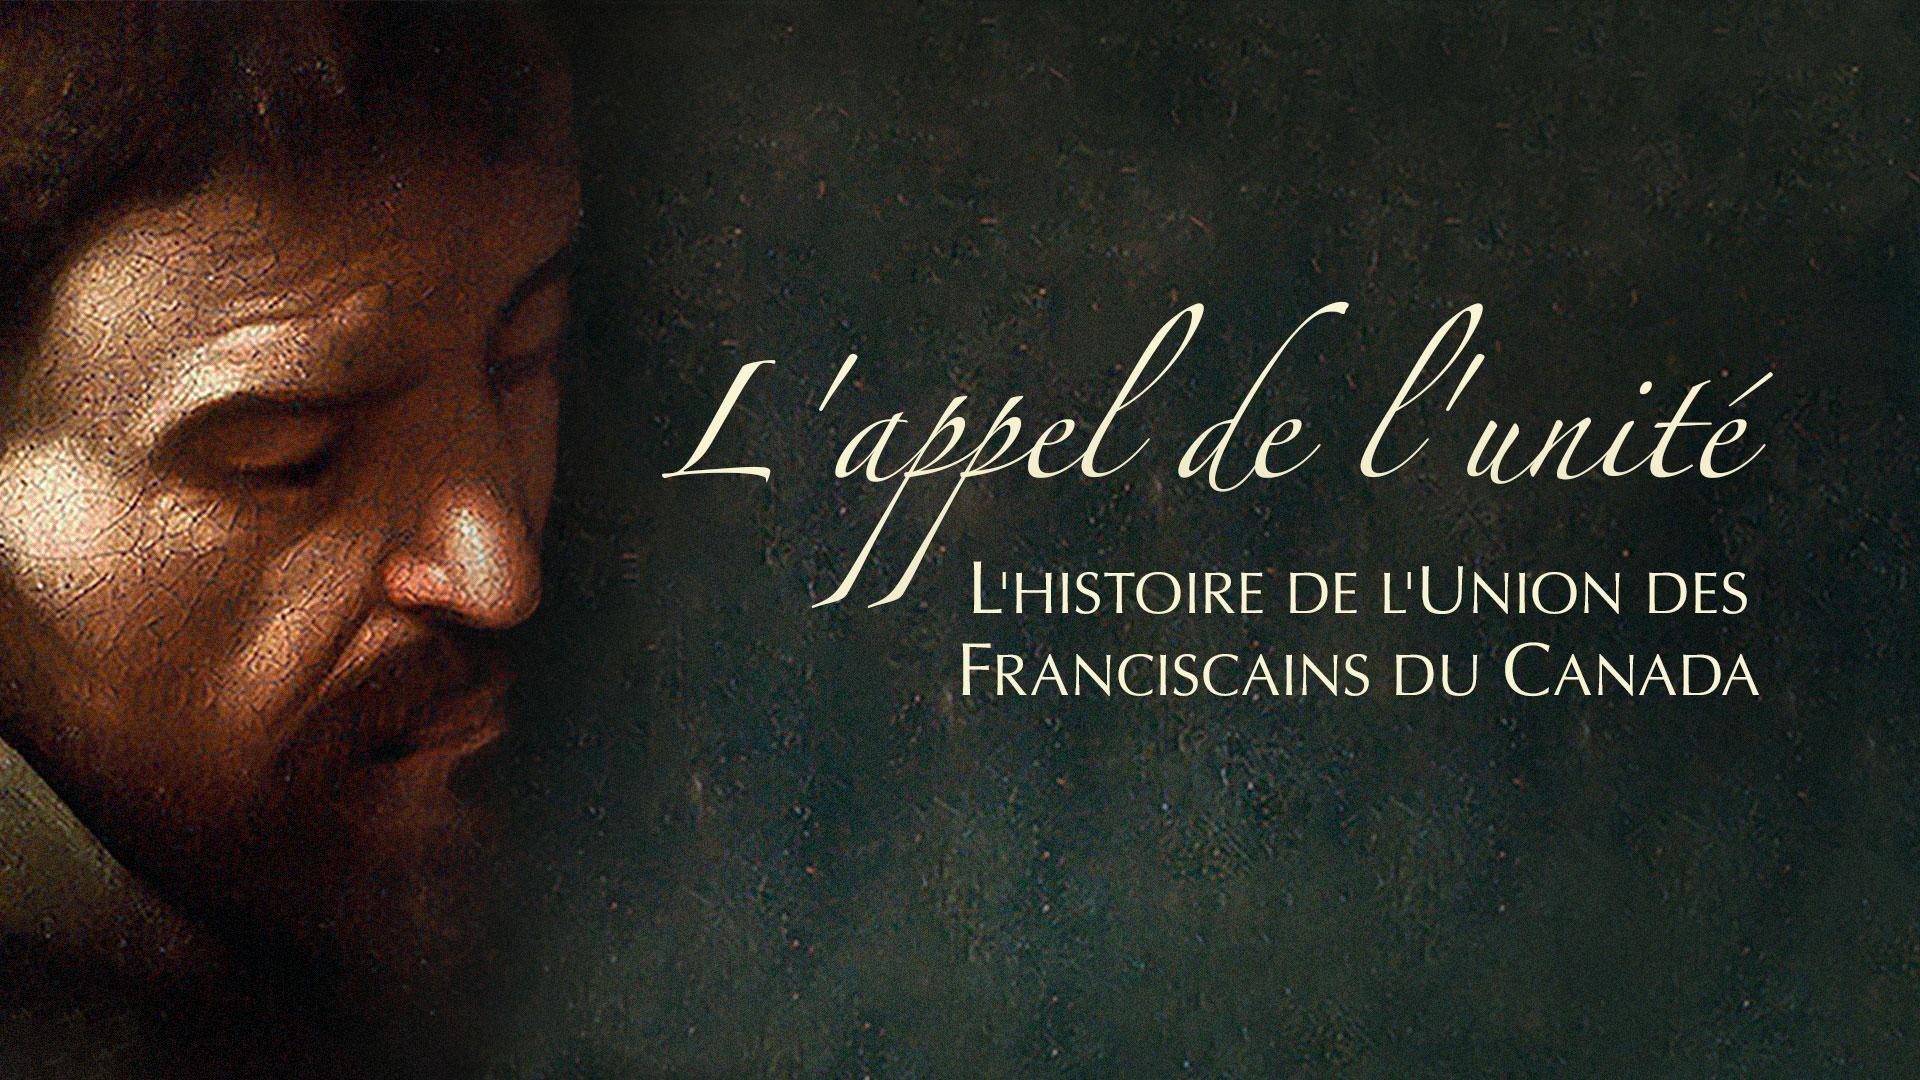 Sortie d'un documentaire sur les Franciscains du Canada